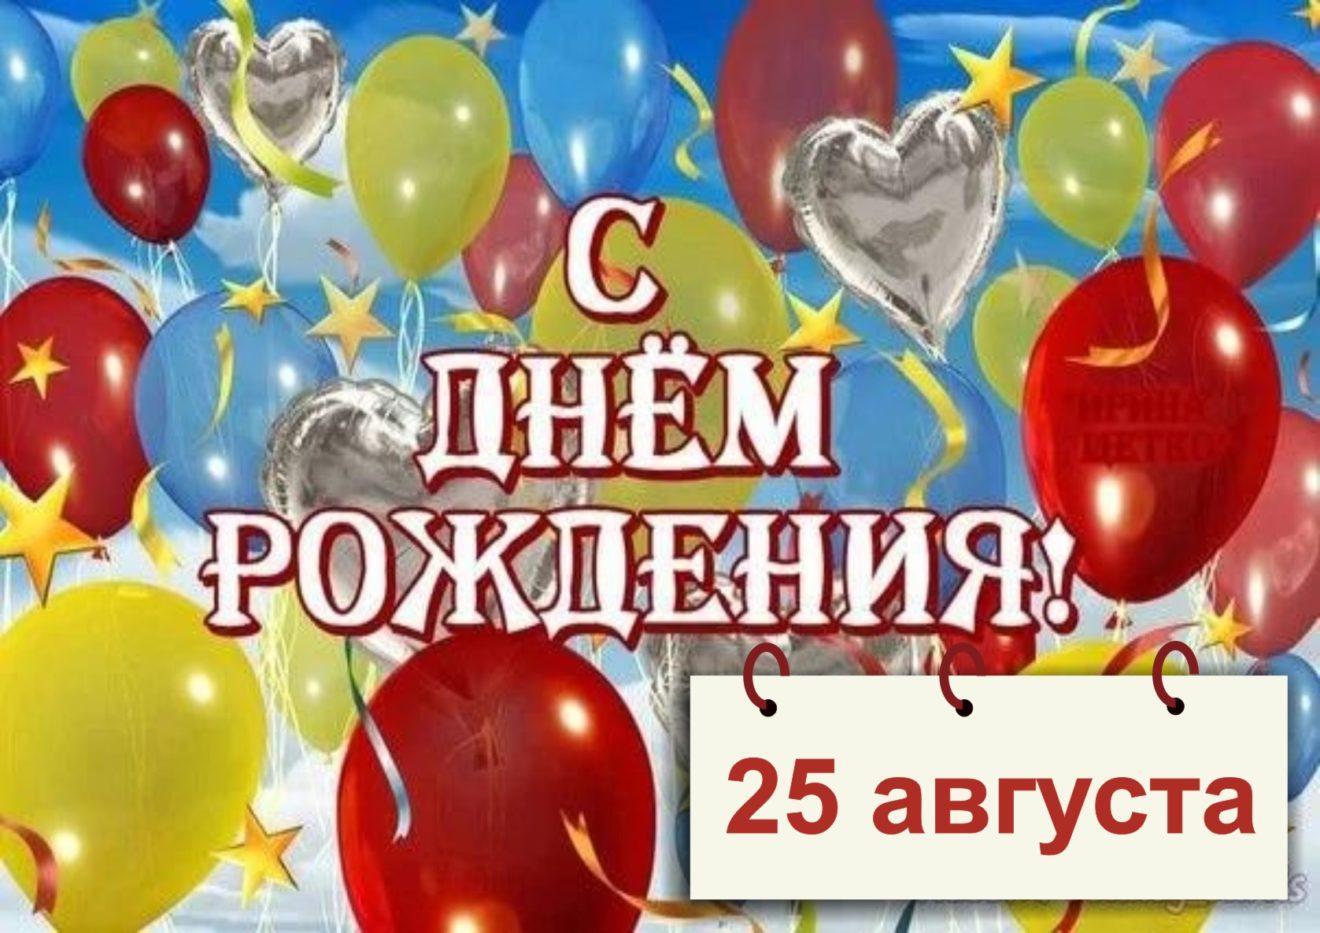 Прикольное поздравление женатому мужчине с днем рождения